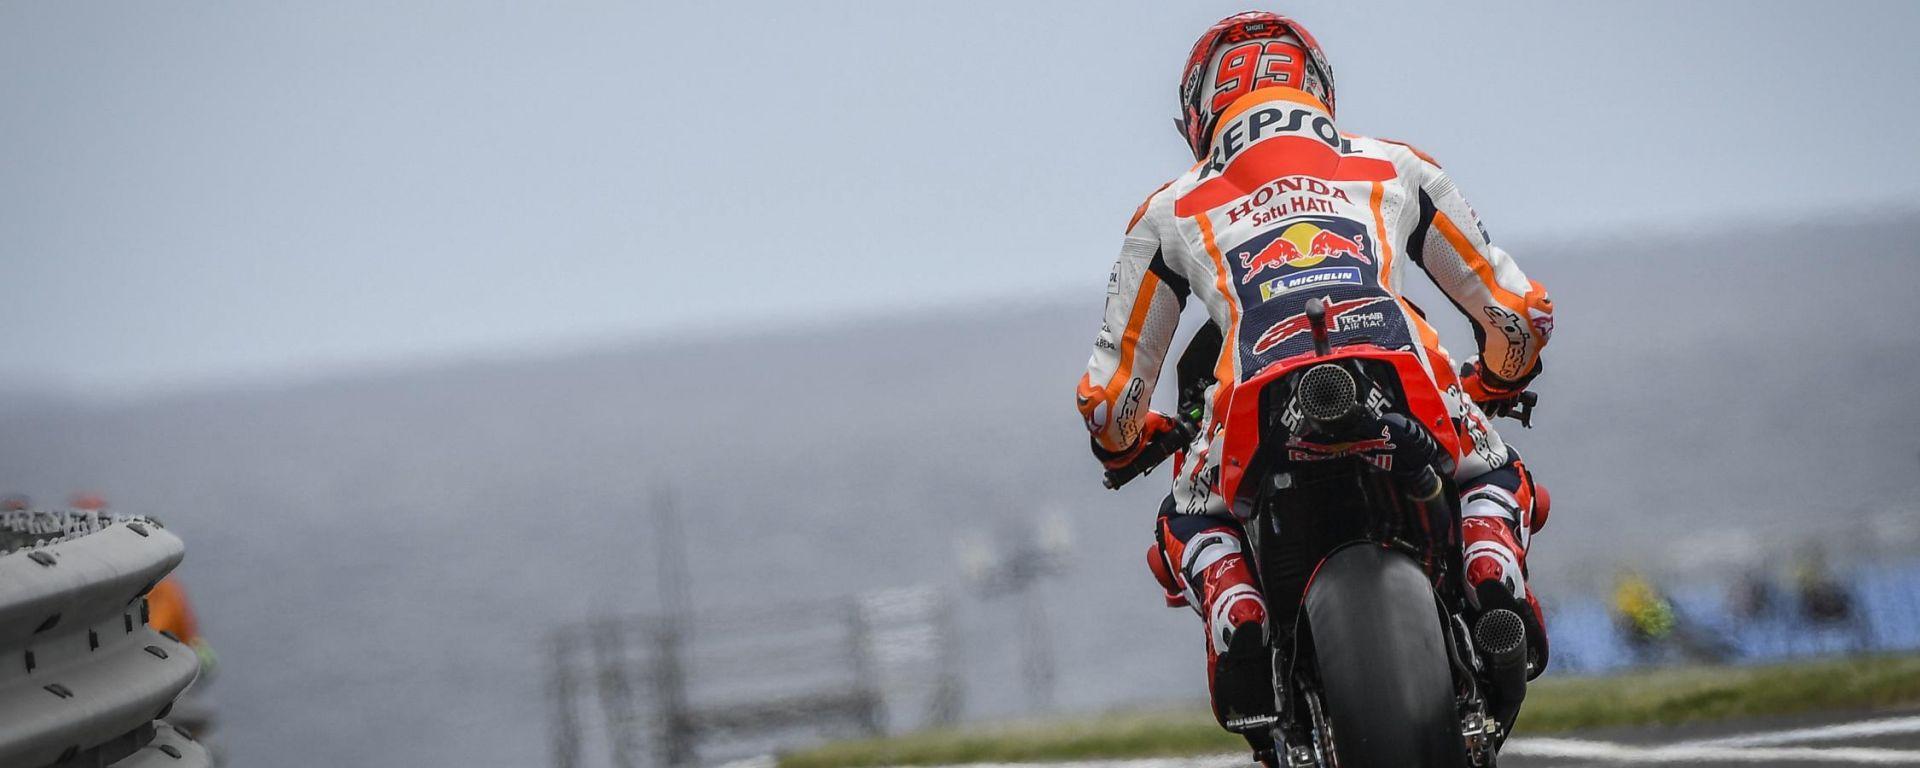 MotoGP Australia 2018, Phillip Island: Marc Marquez (Honda)